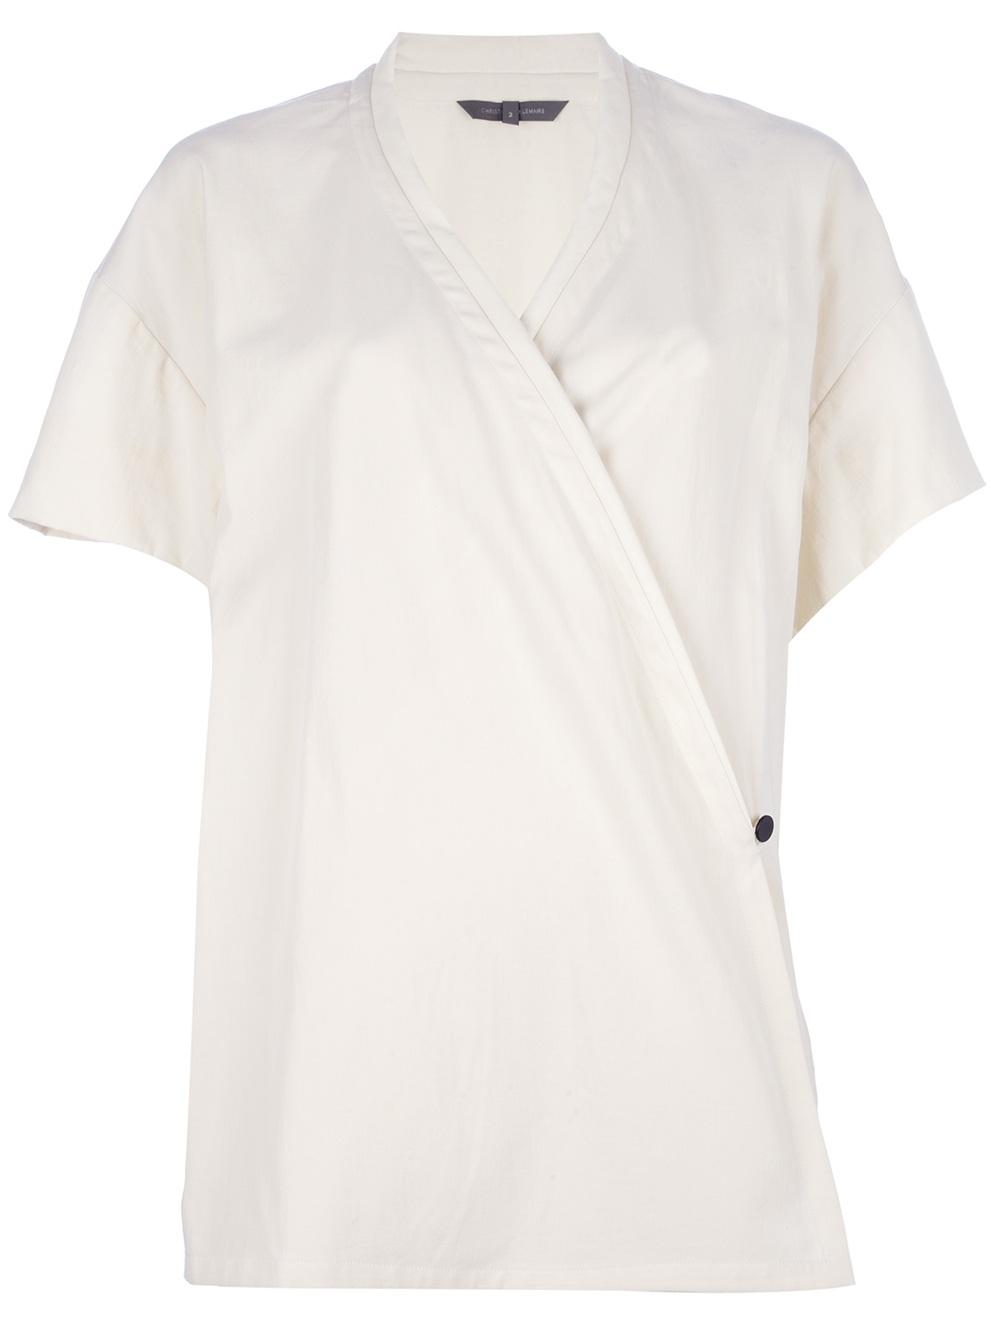 c419169136 christophe-lemaire-oversized-wraparound-shirt-product-1-11050451-546390210.jpeg